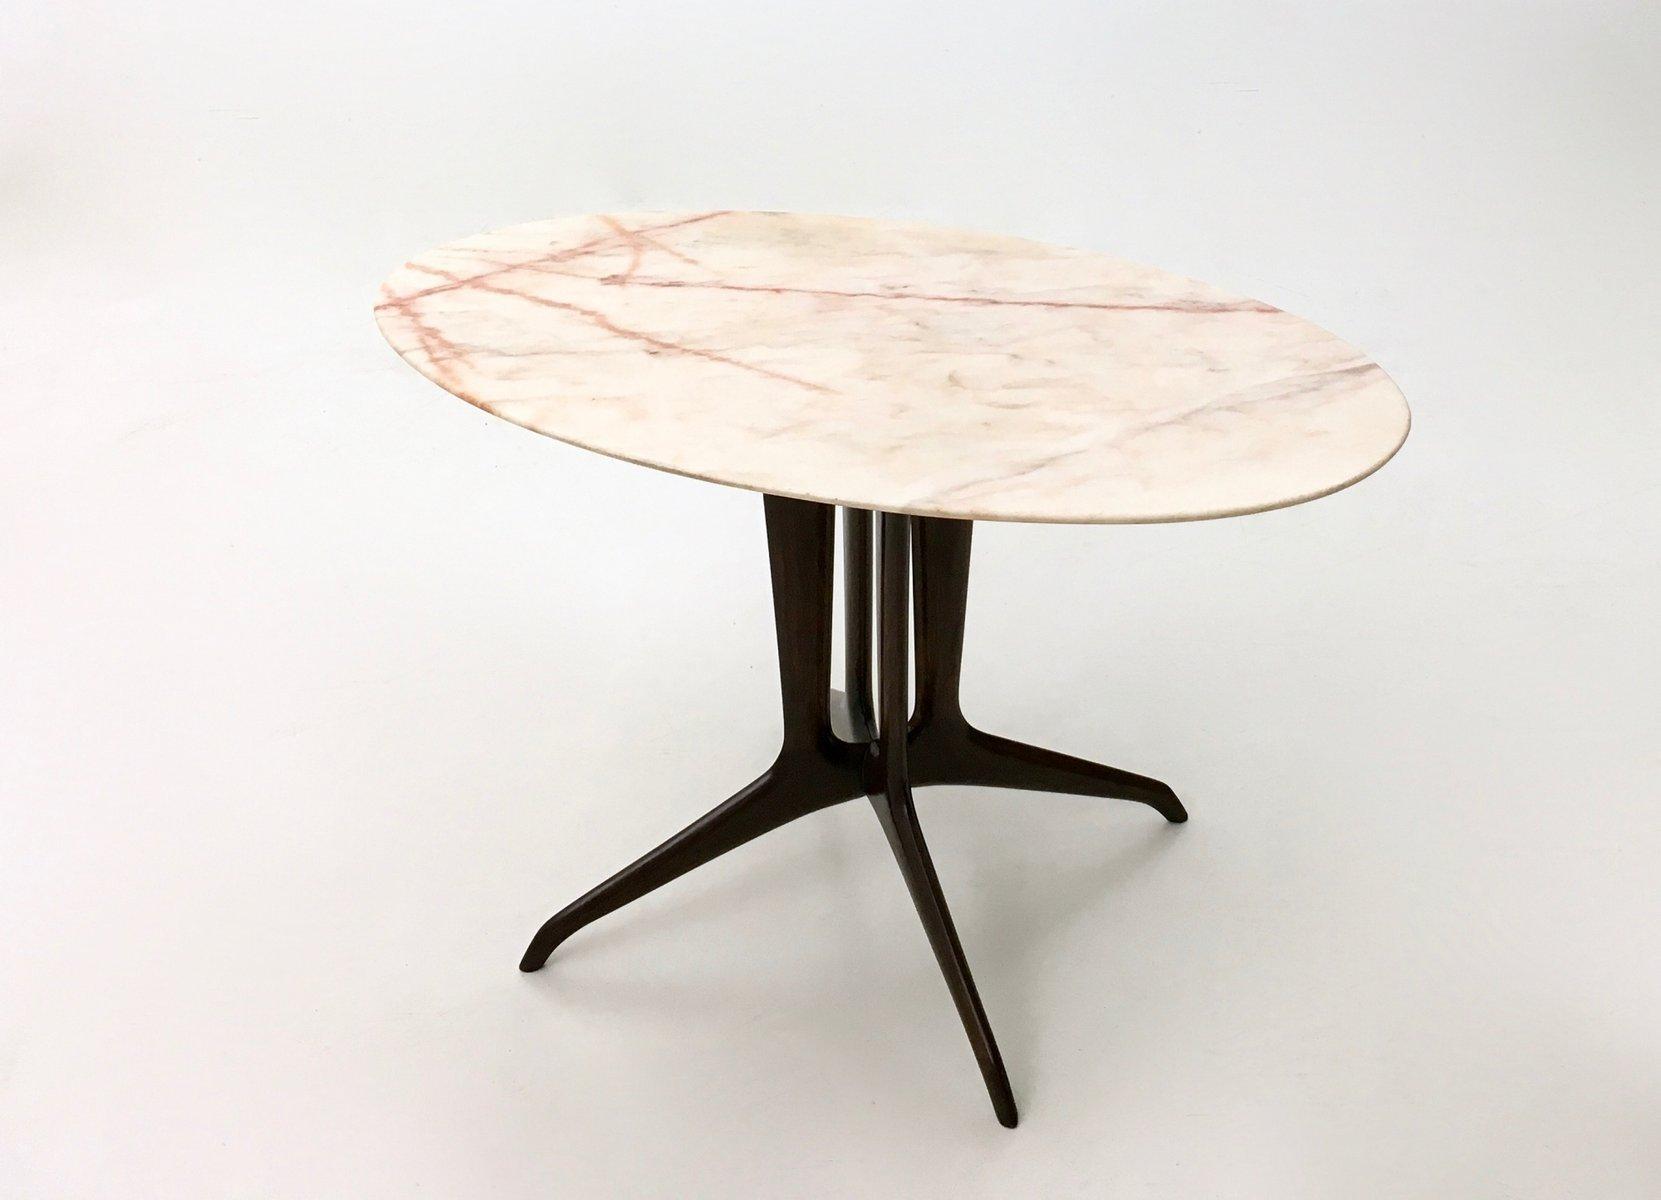 italienischer couchtisch mit portugiesischer marmorplatte. Black Bedroom Furniture Sets. Home Design Ideas